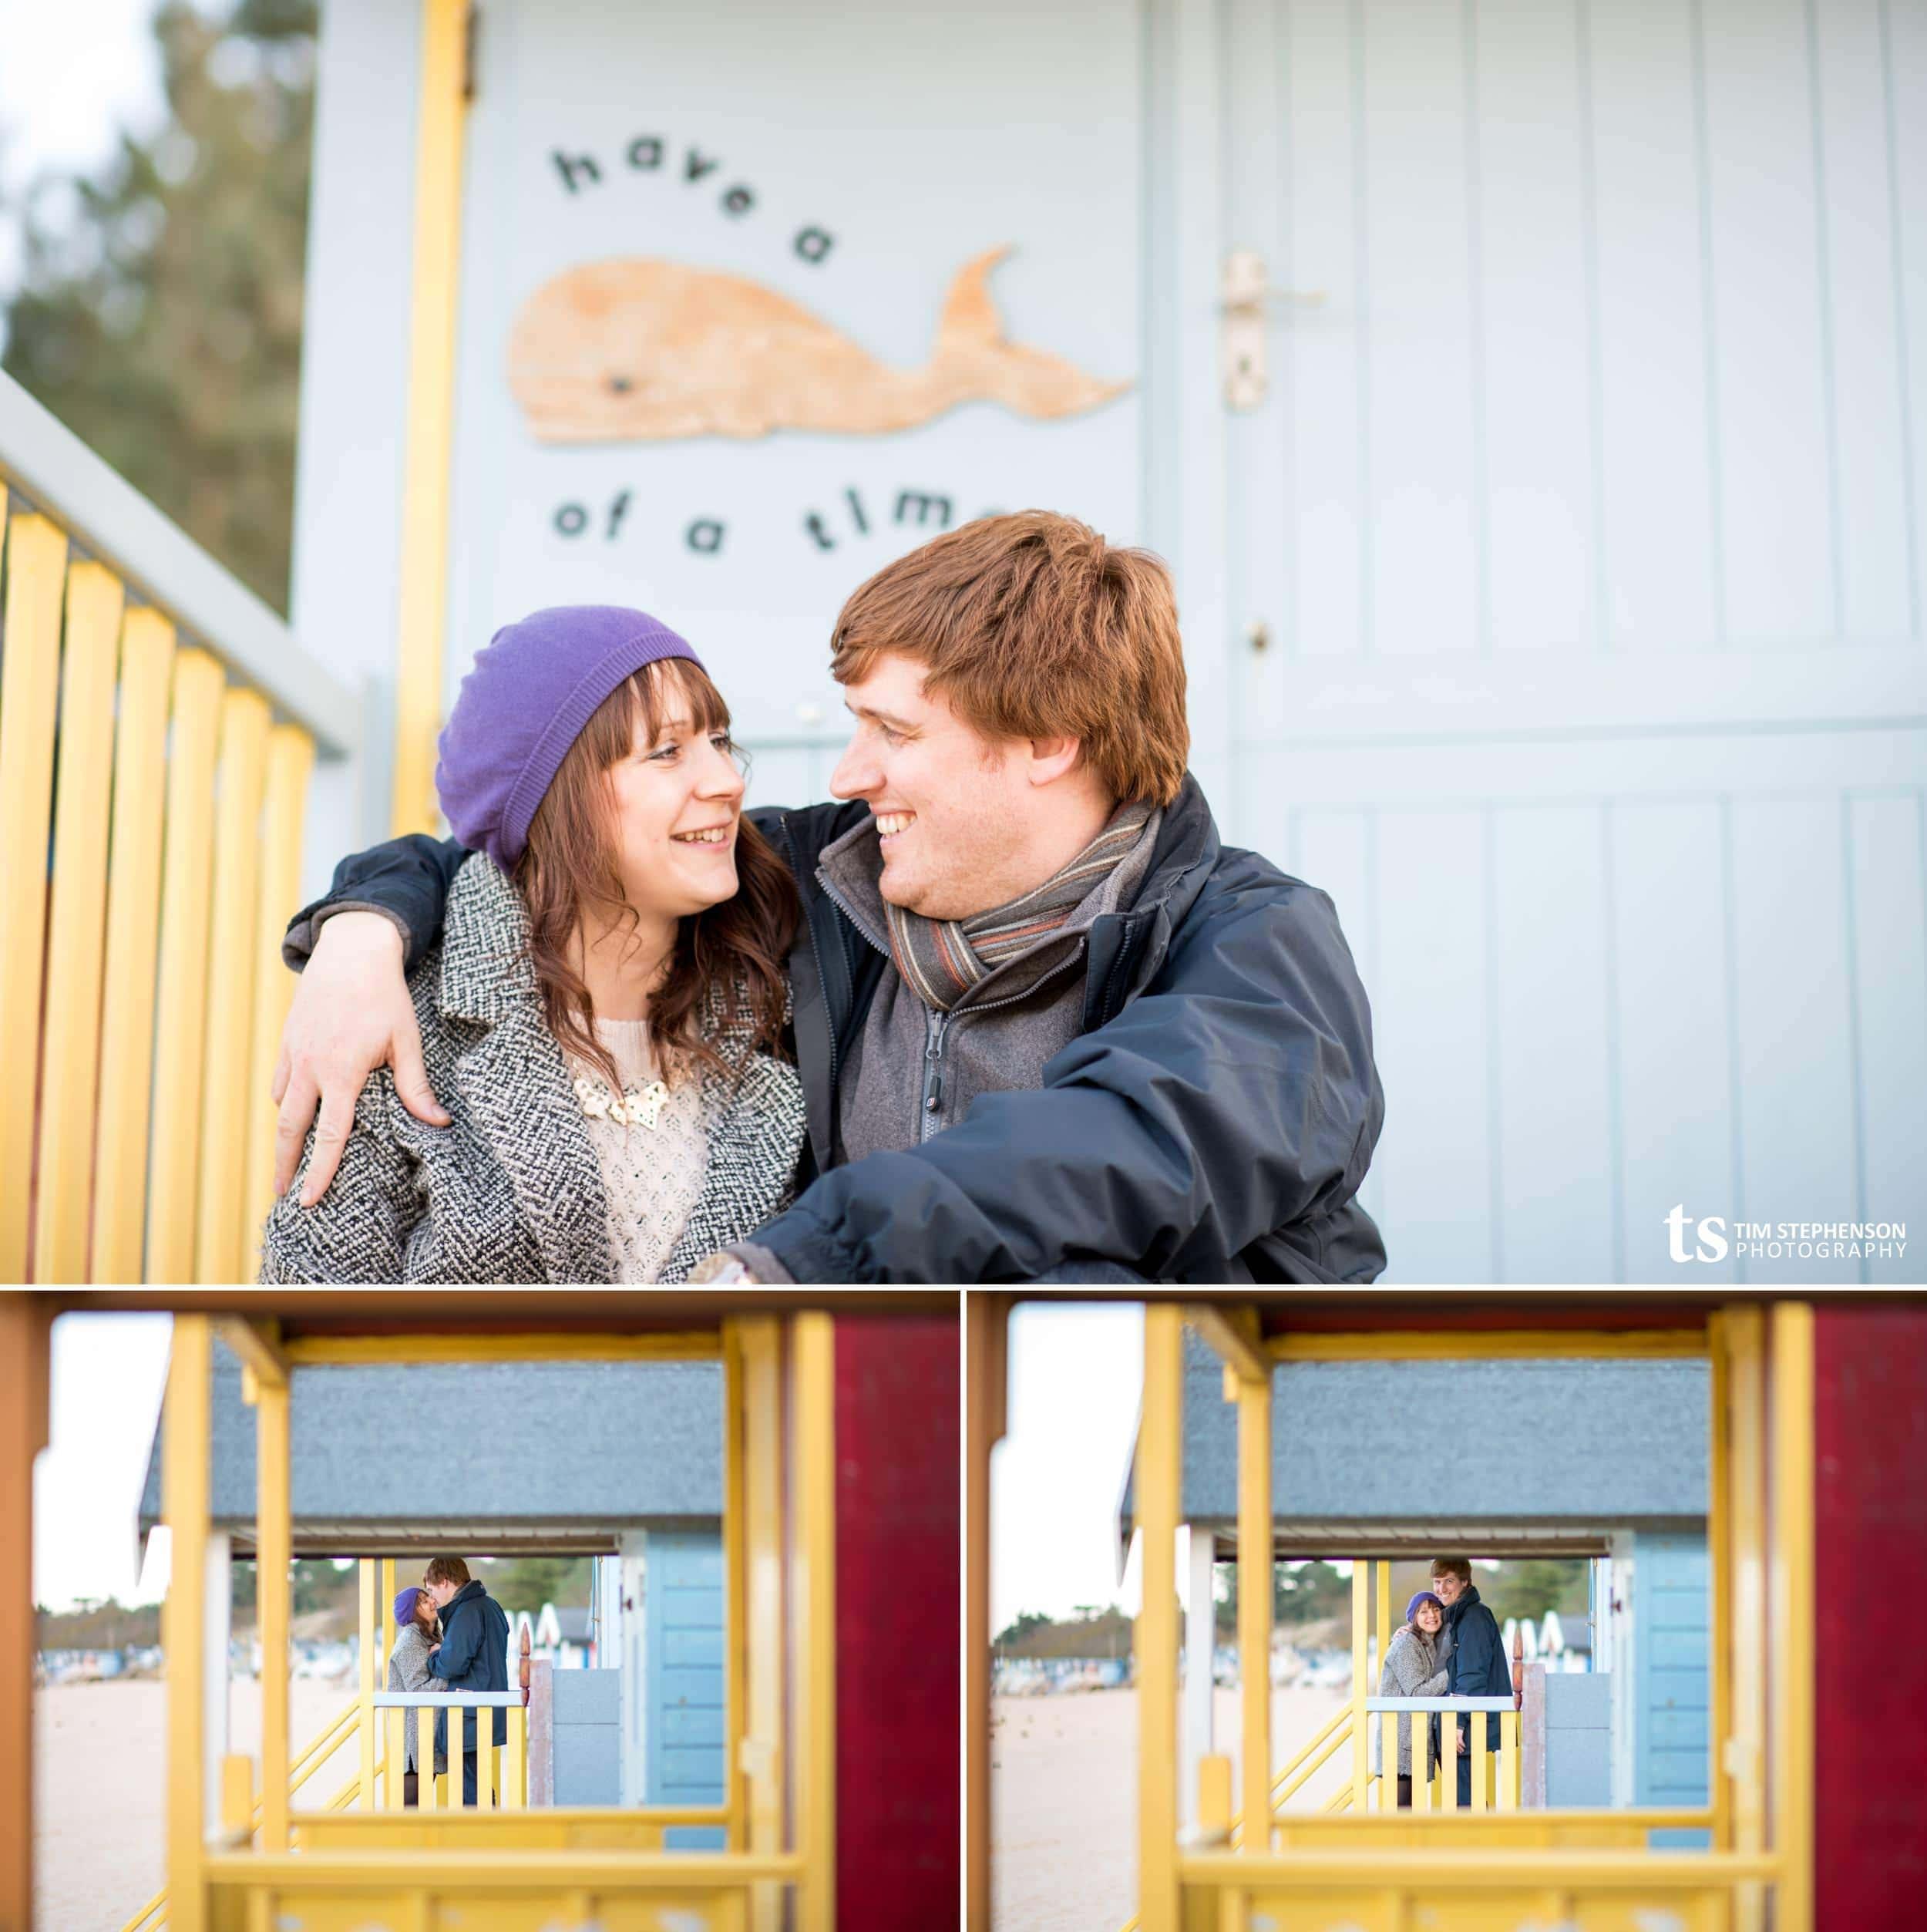 Rosie-Ben-Norfolk-Engagement-Photography 7